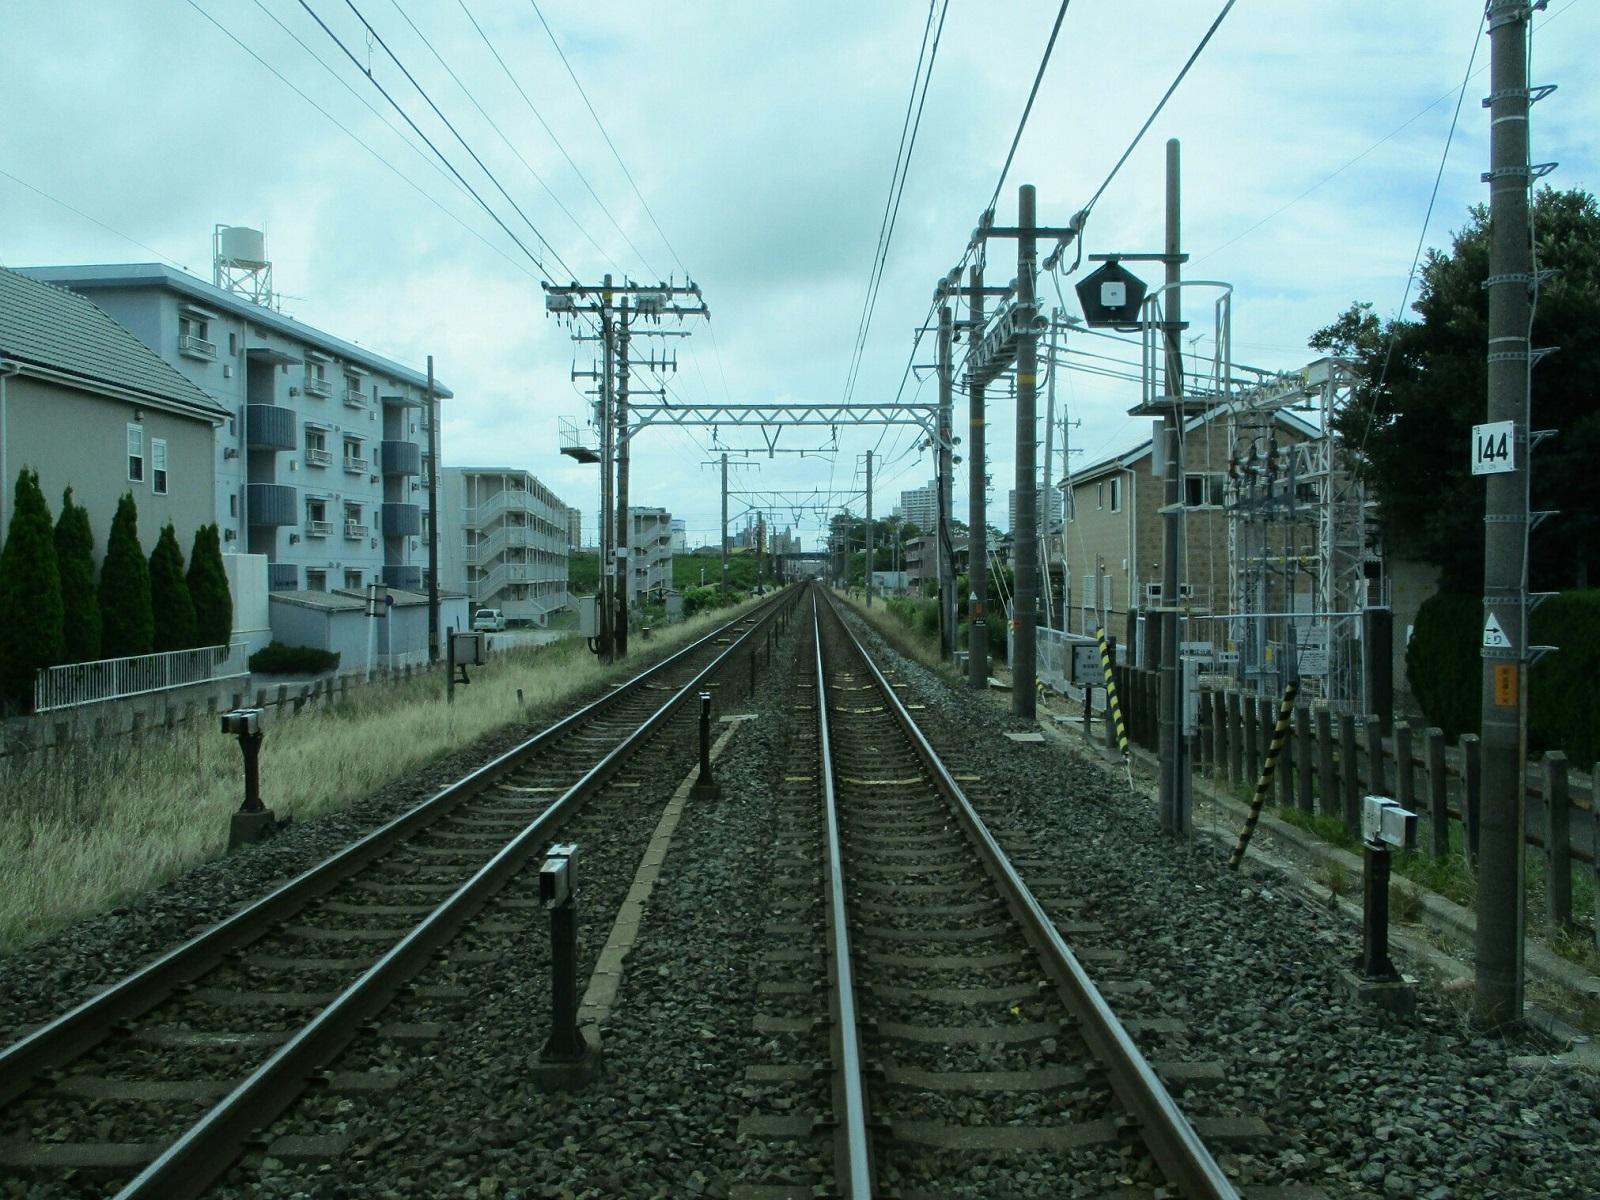 2018.6.29 (5) 東岡崎いきバス - 東海道線ふみきり 1600-1200